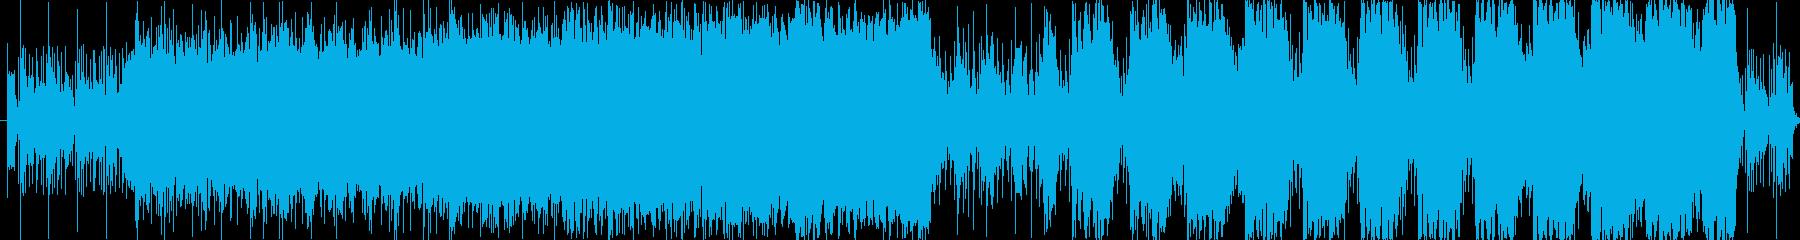 緊張感のある重低音が特徴のサウンドの再生済みの波形